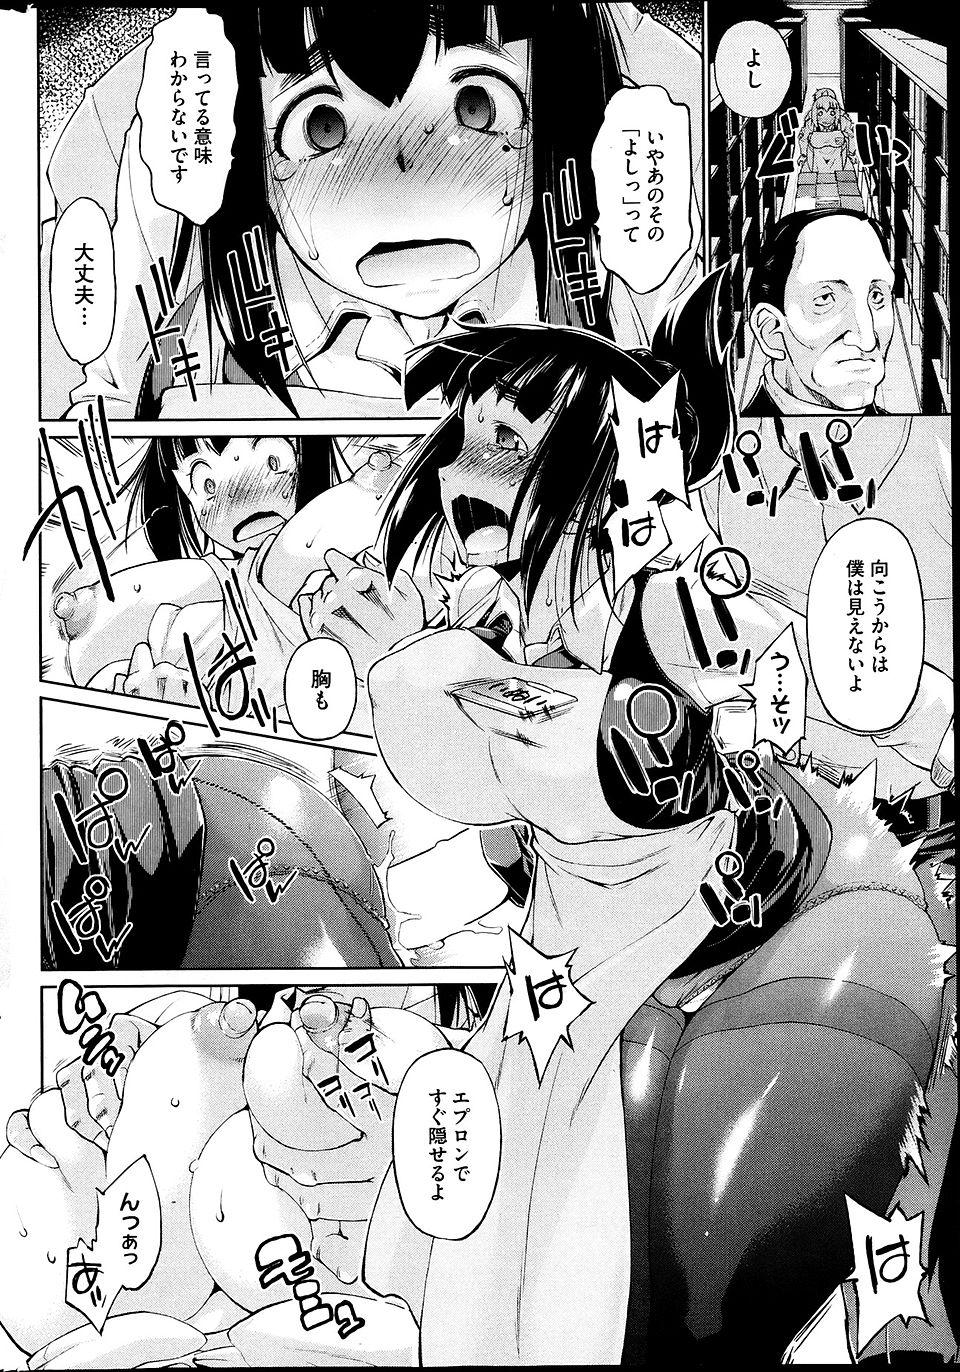 【エロ漫画】巨乳の同僚と酒飲んでエッチしちゃったら好きになっちゃったwww【無料 エロ同人誌】 (16)